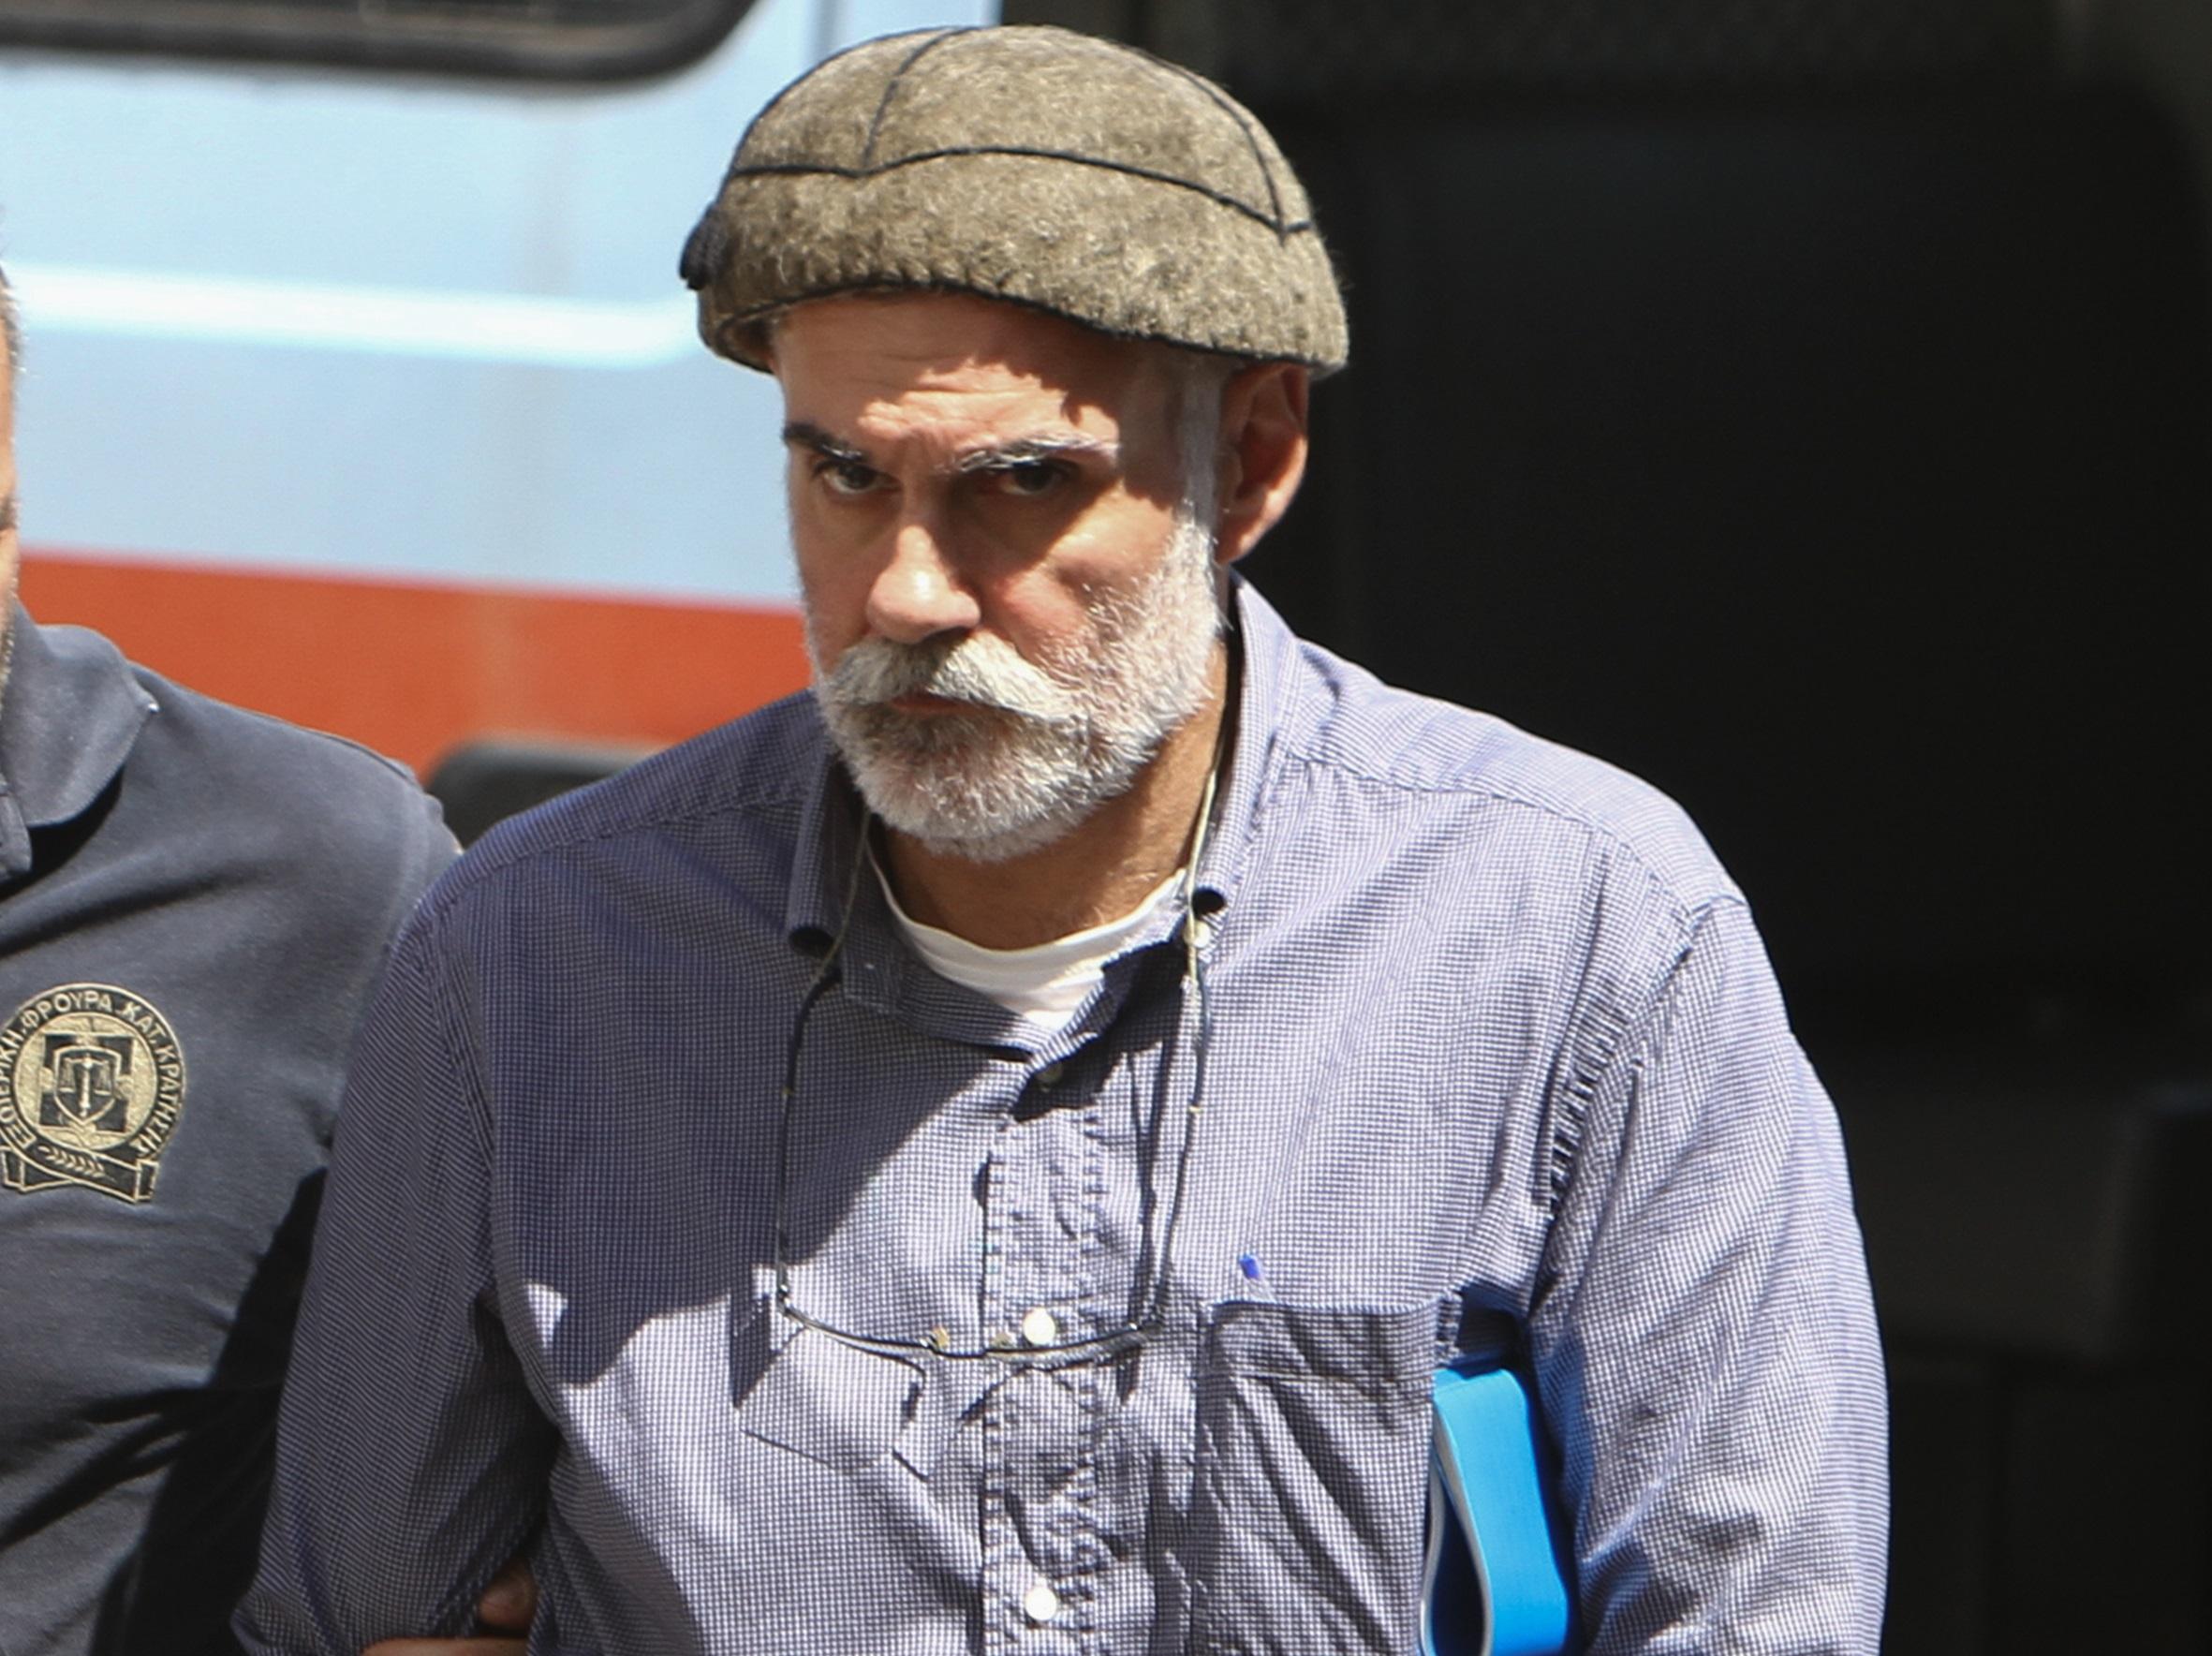 Δολοφονία Γρηγορόπουλου: Σπάνε τα ισόβια για τον Κορκονέα!